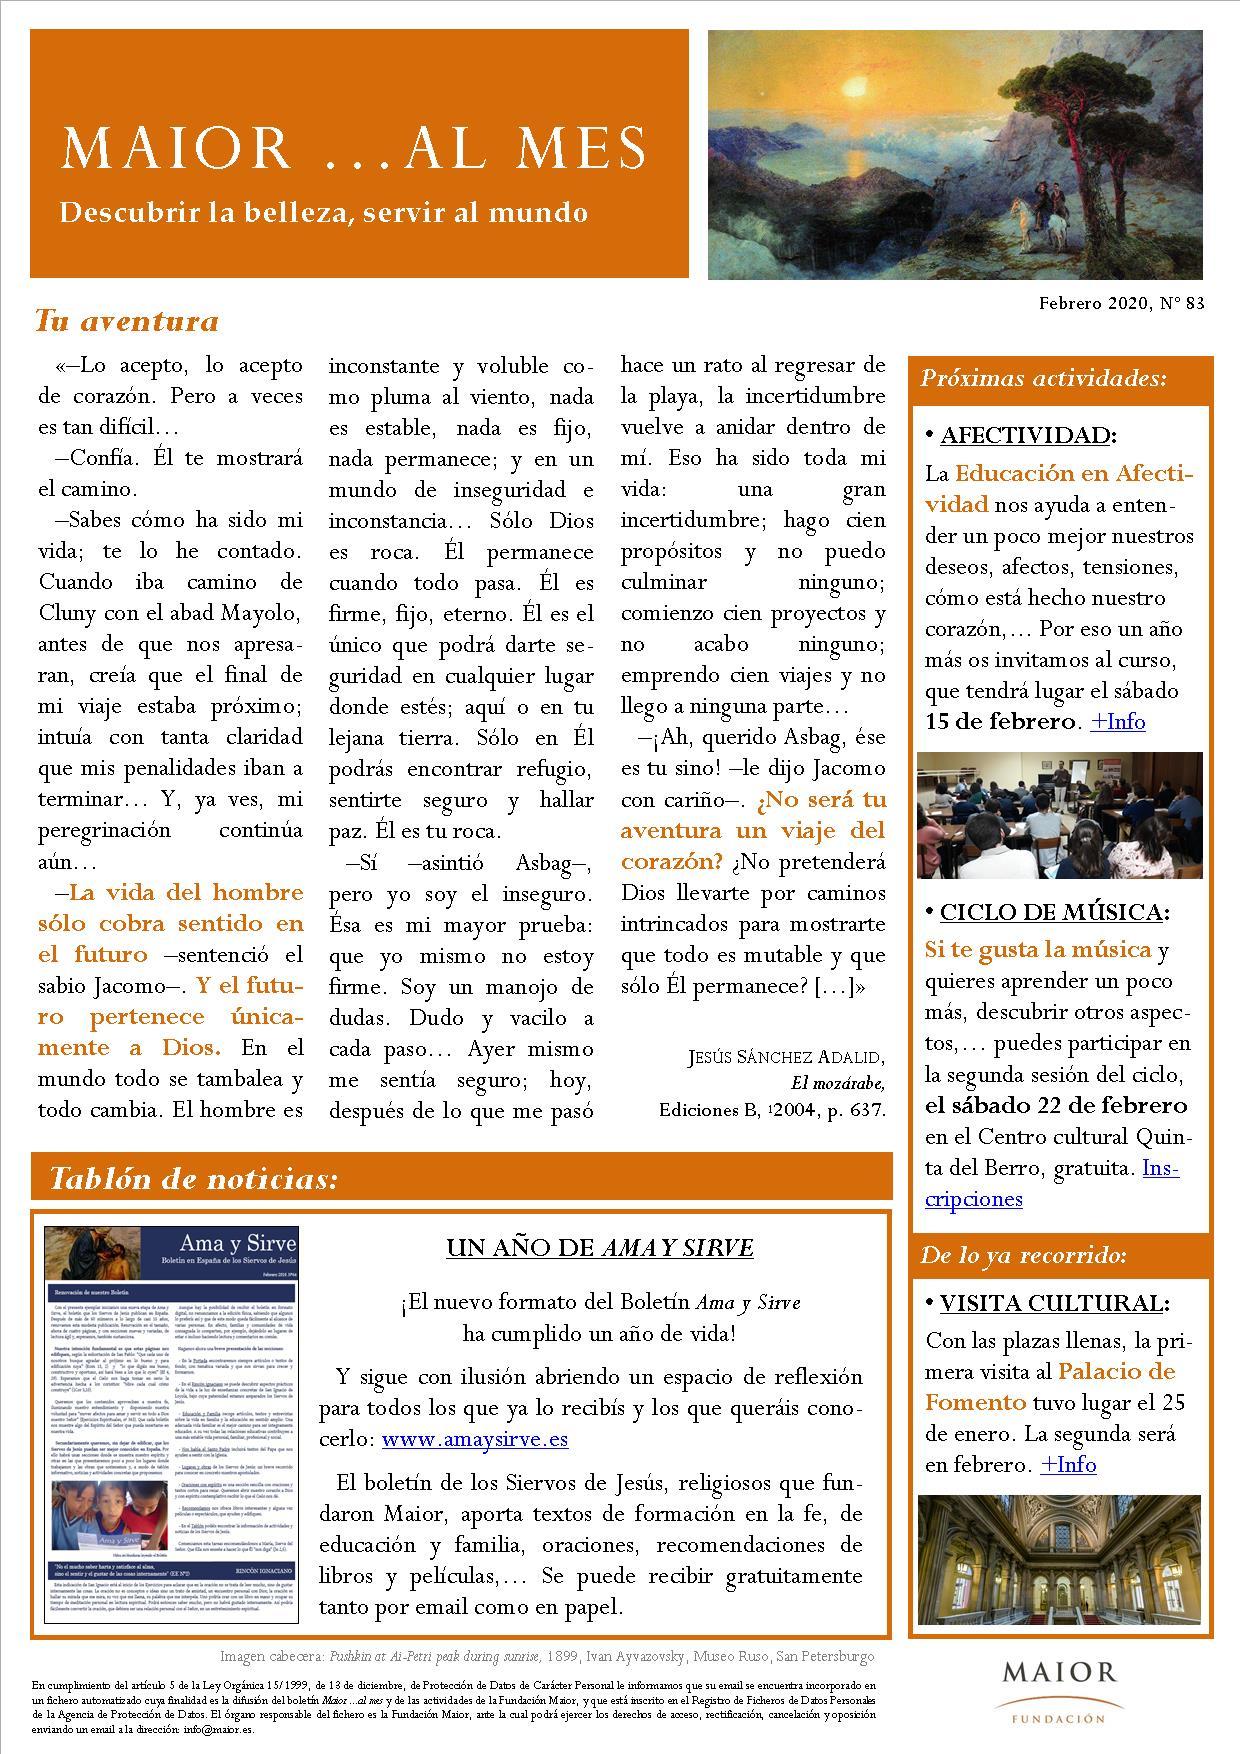 Boletín mensual de noticias y actividades de la Fundación Maior. Edición de febrero 2020